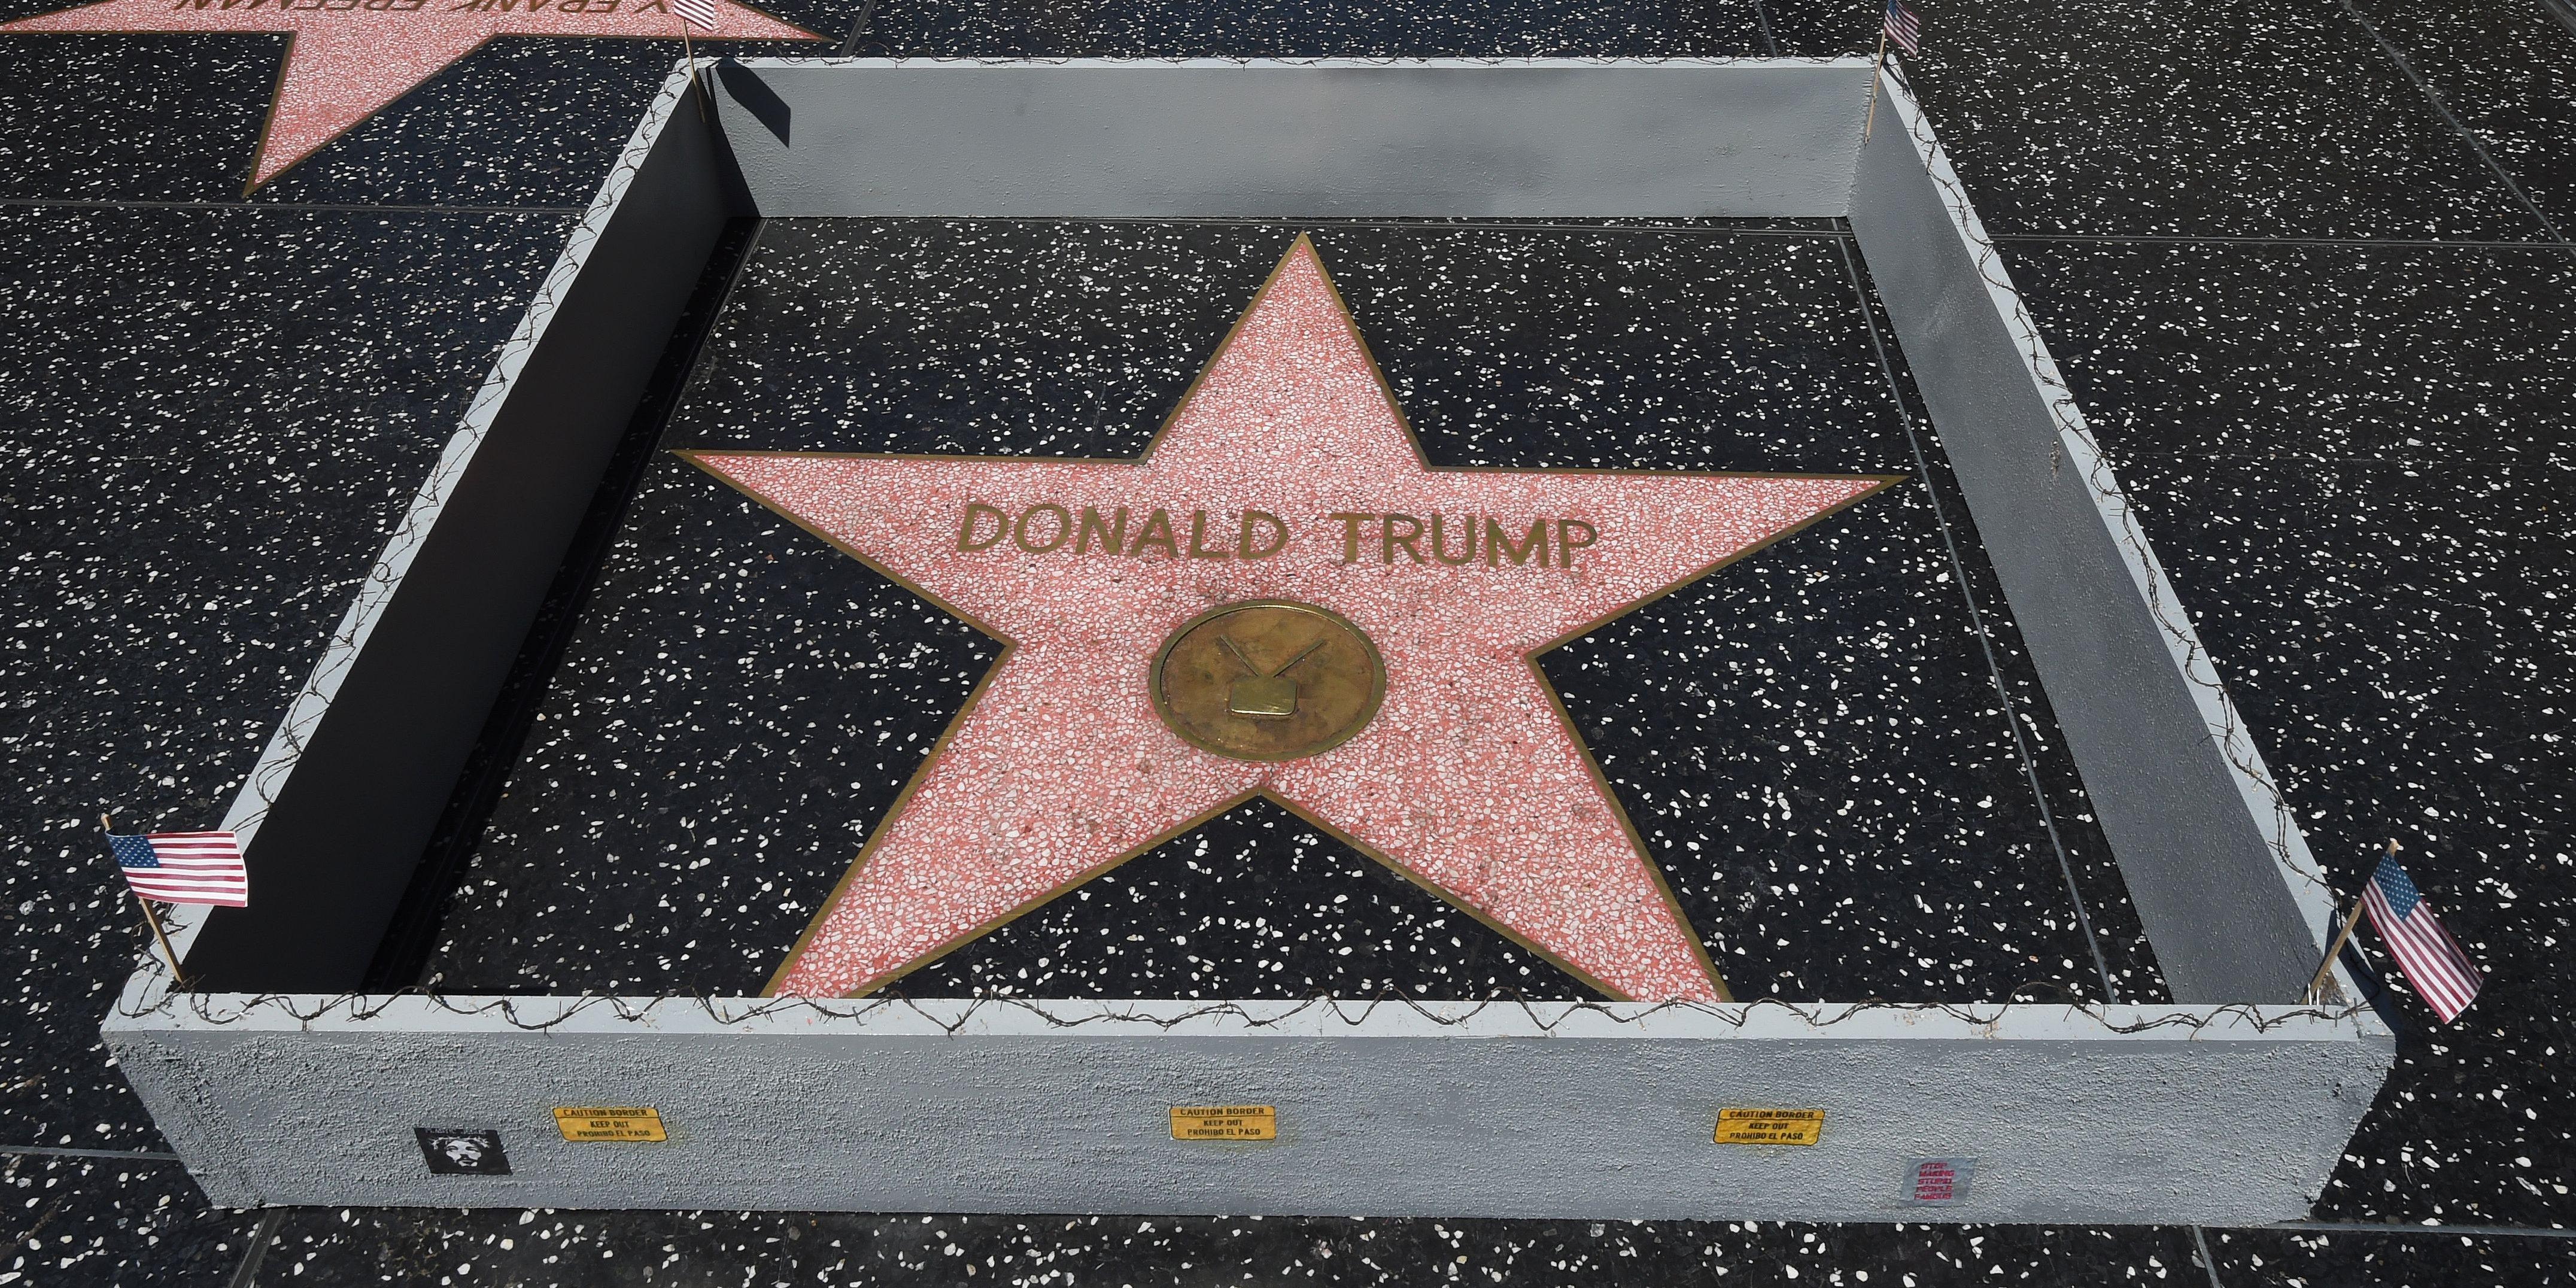 特朗普在星光大道的小星星又被砸烂了 路人花样留念